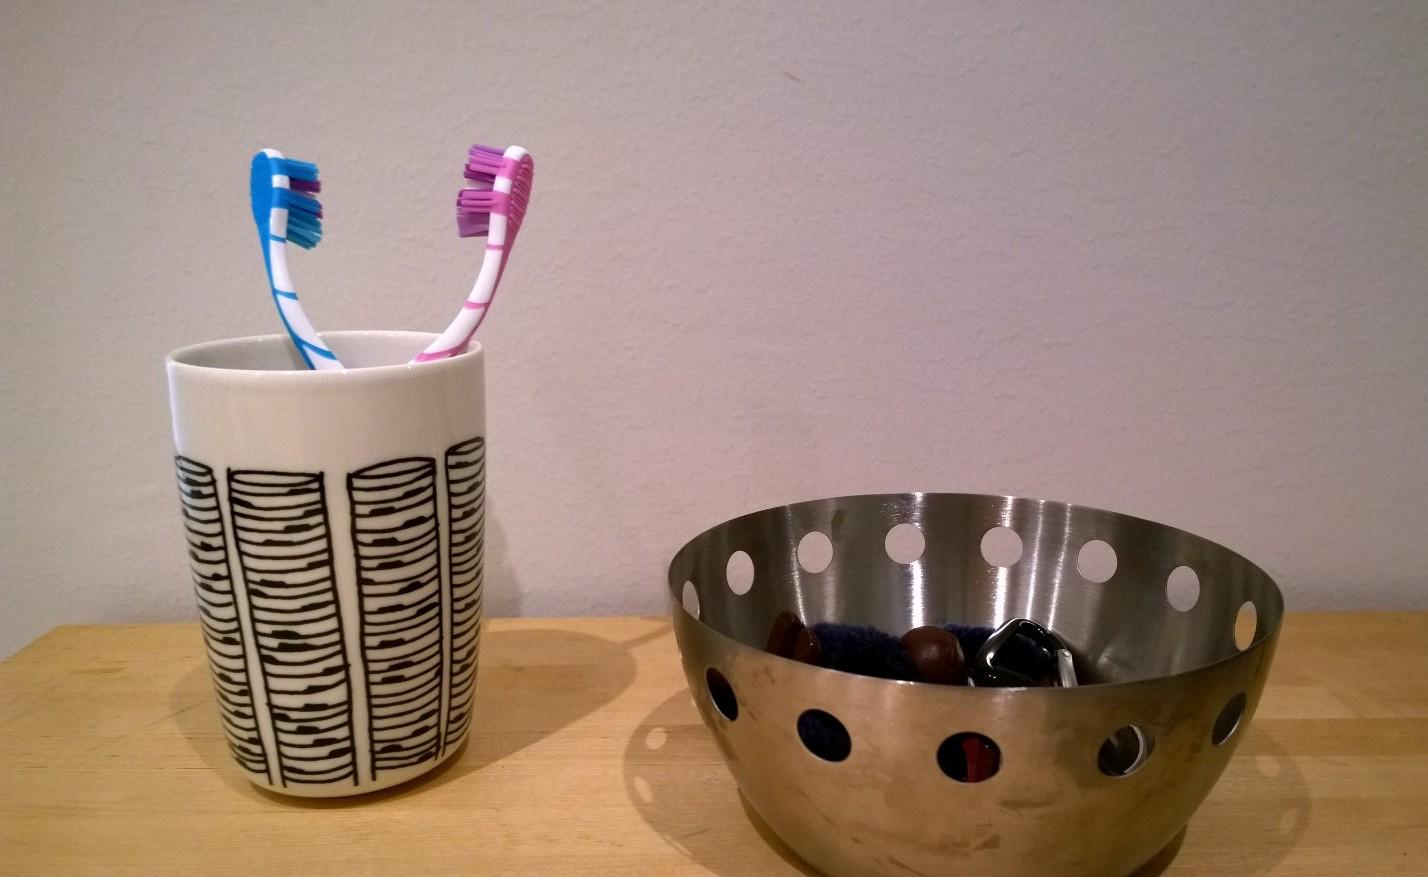 hammasharjat lasissa